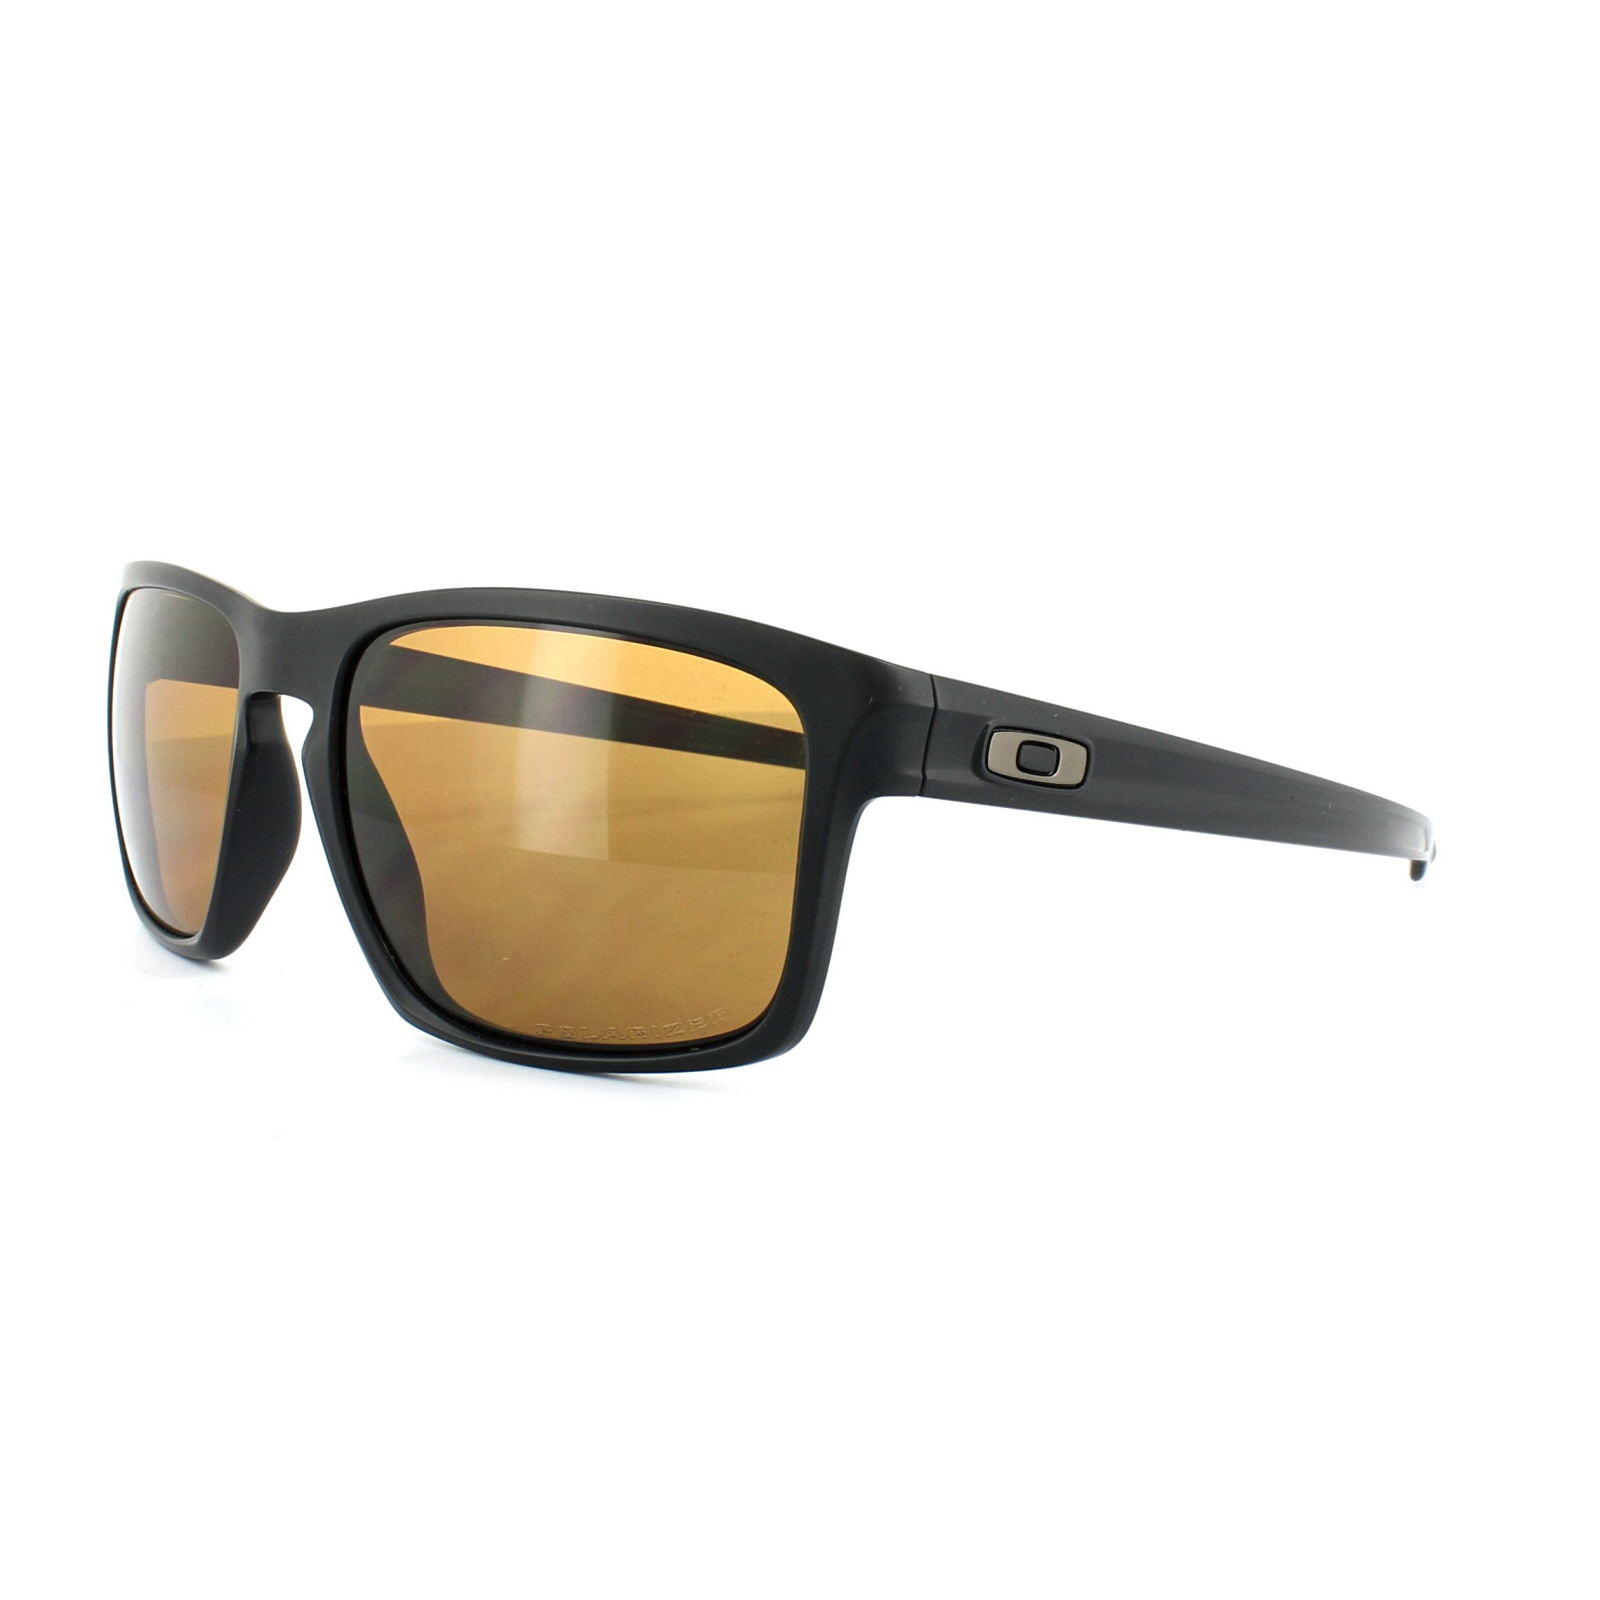 9b1553f39e5 Best Oakley Goggles For Small Faces « Heritage Malta